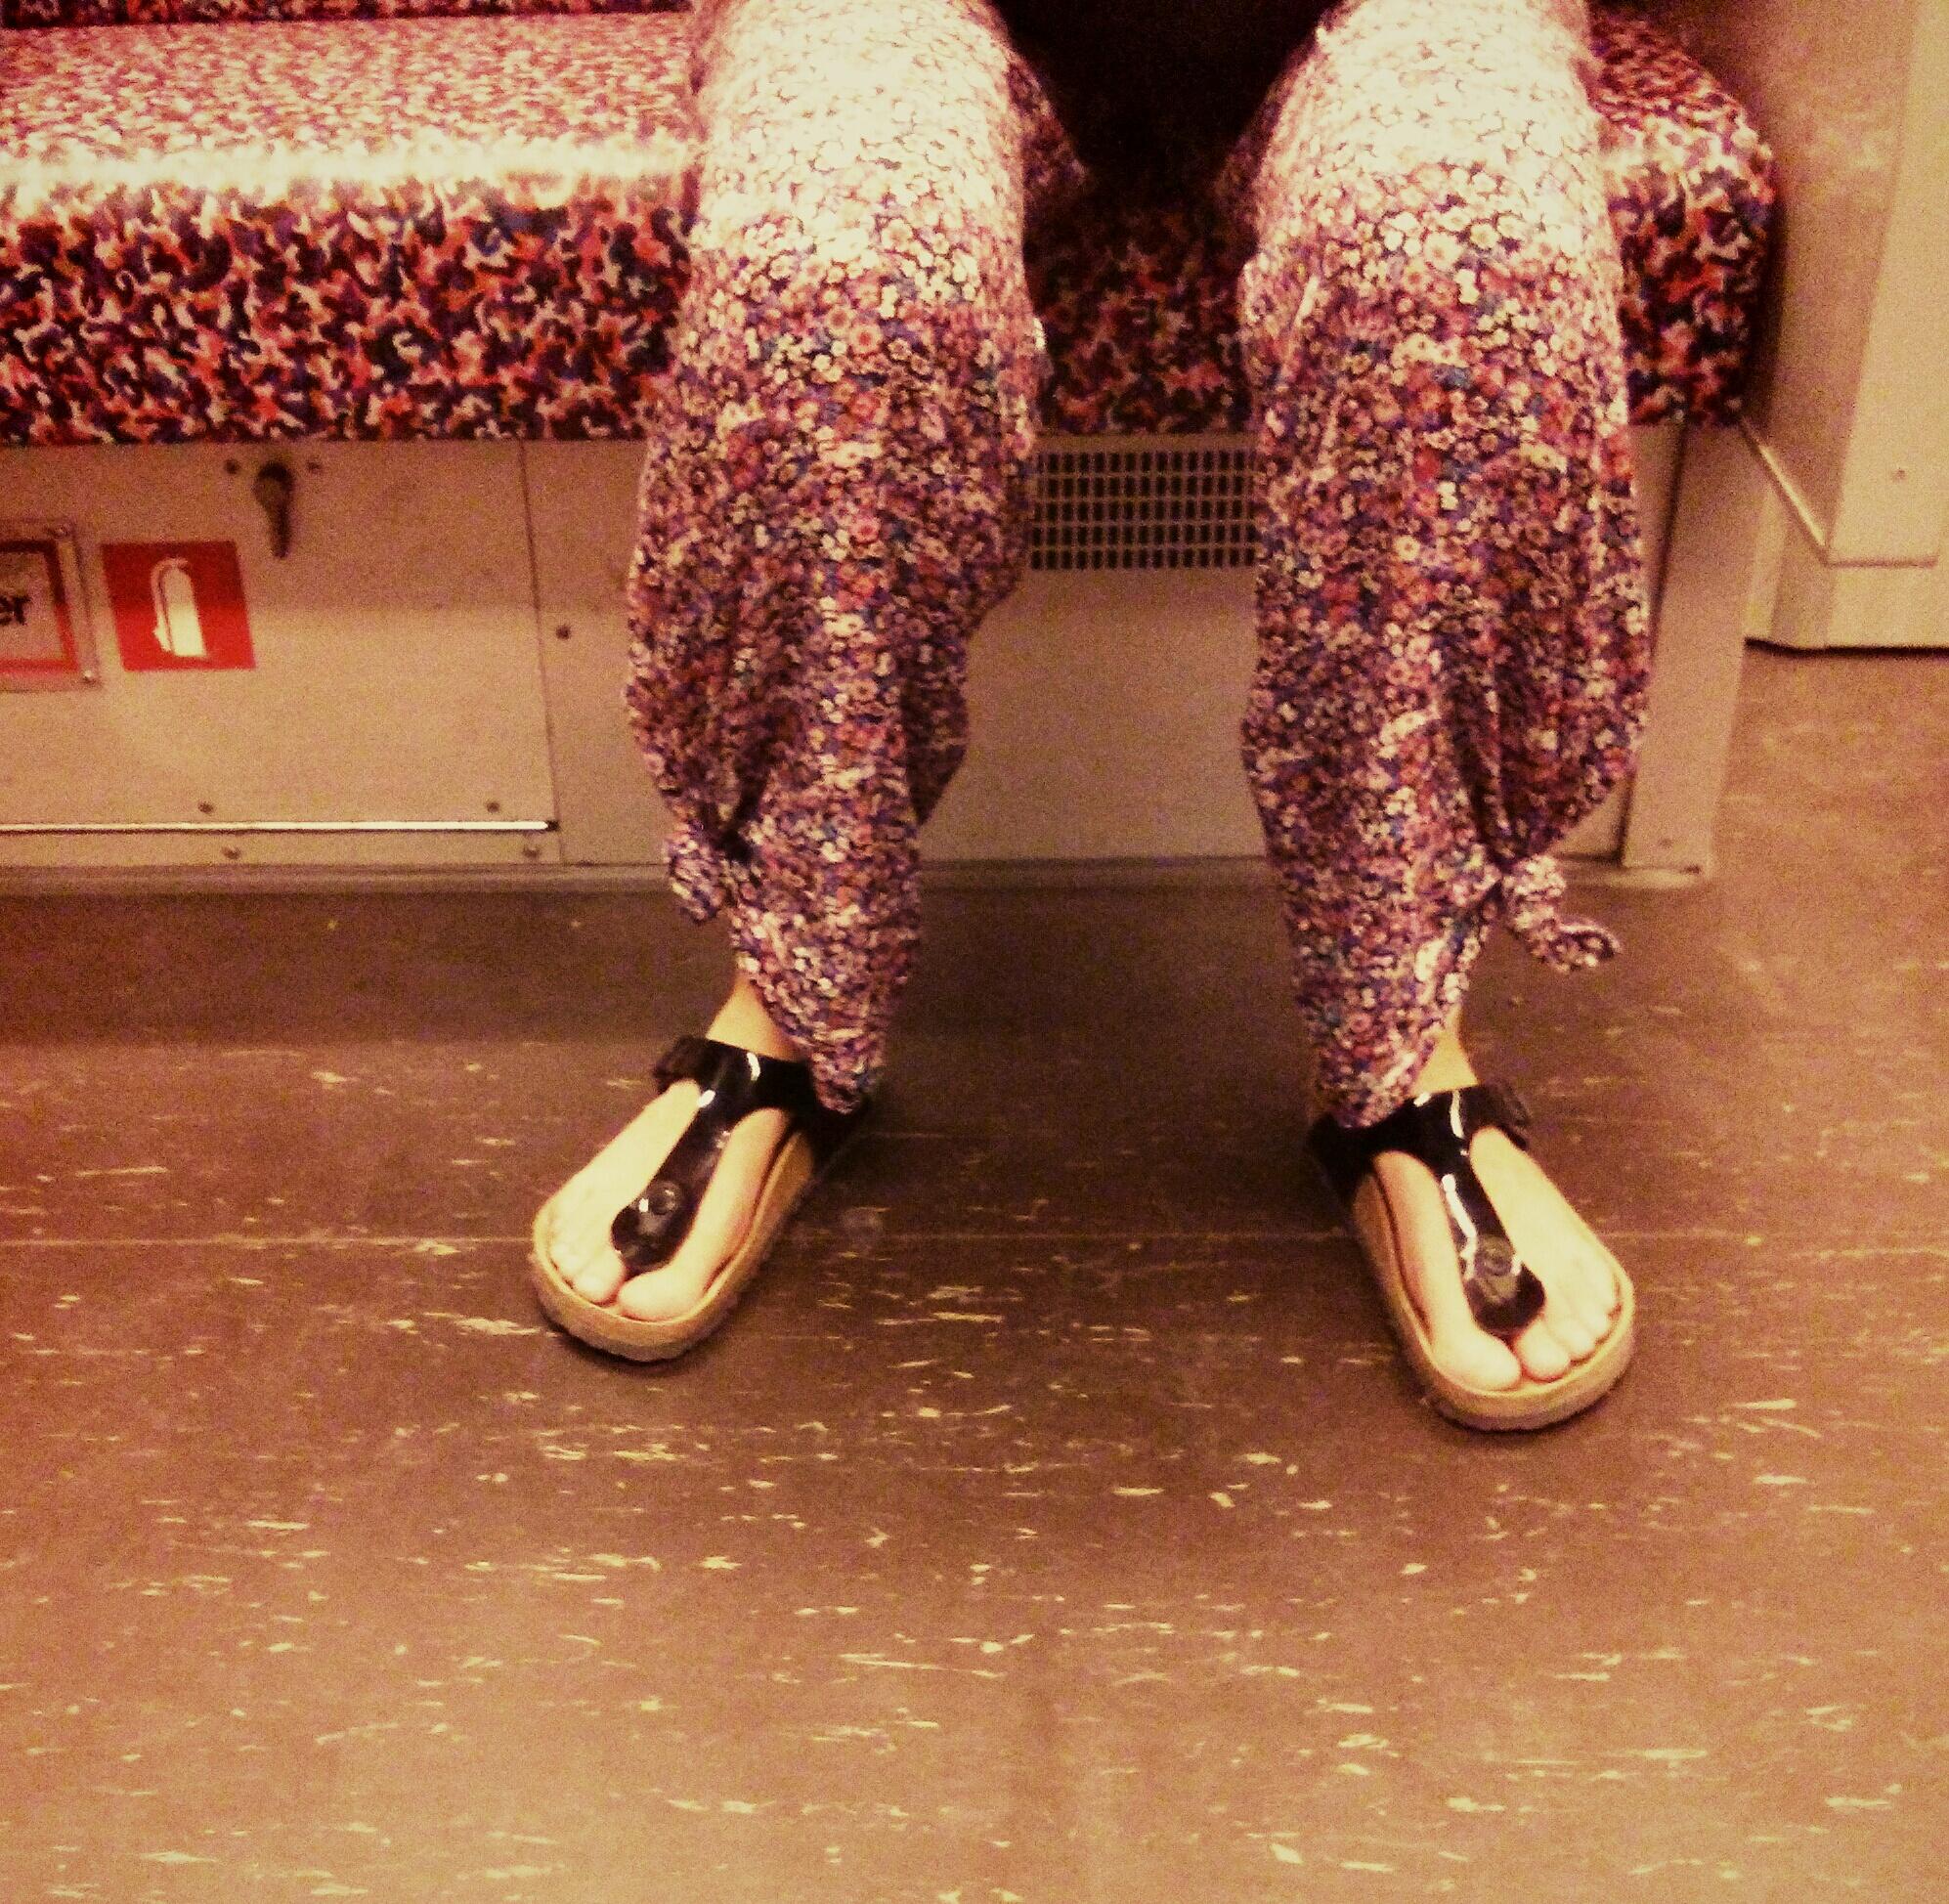 'Today, I will dress like ... the metro!'